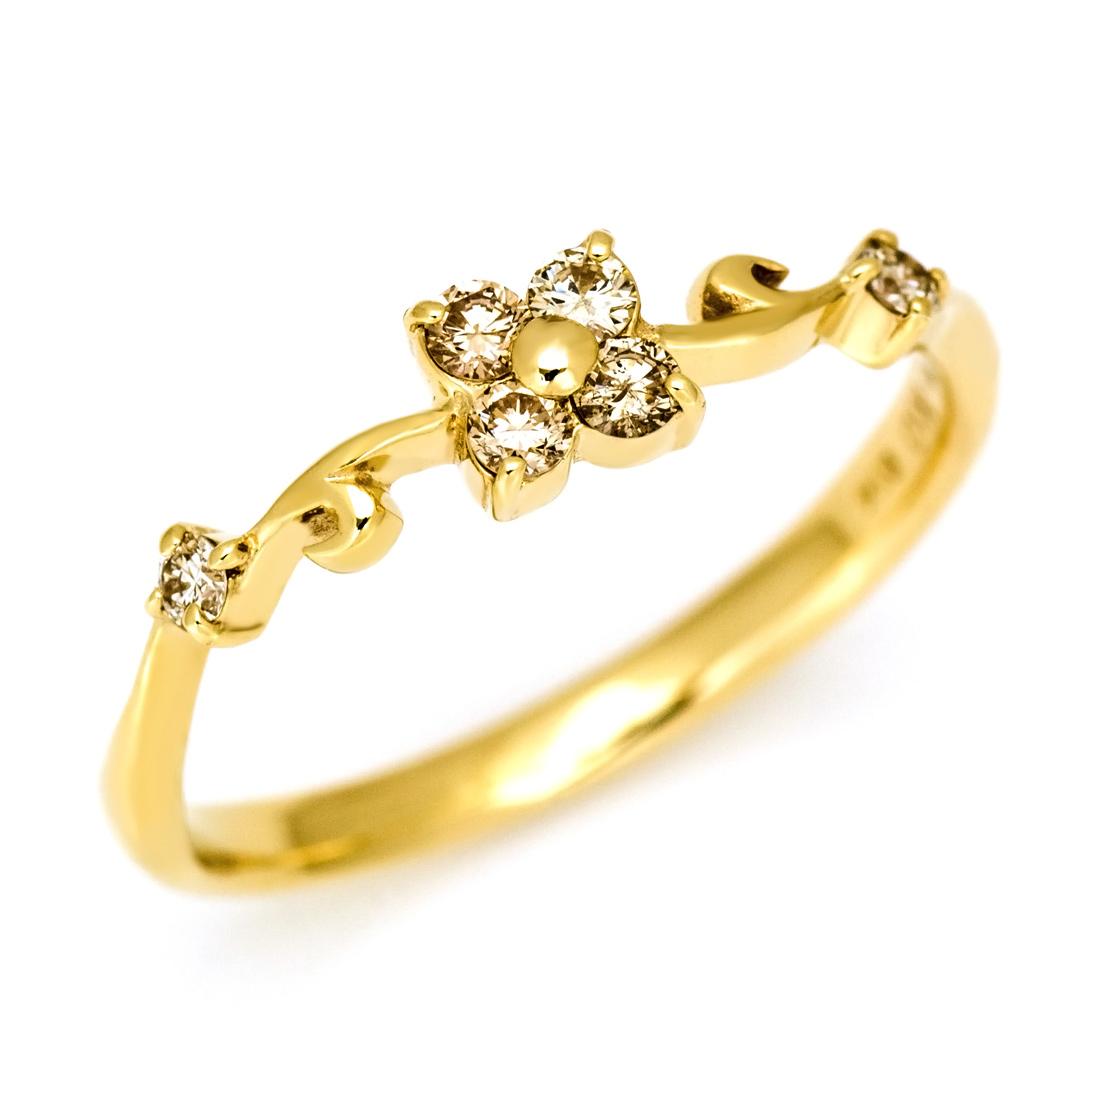 【GWクーポン配布中】リング ブラウンダイヤモンド ダイヤモンド ゴールド K10 フラワーモチーフ 送料無料